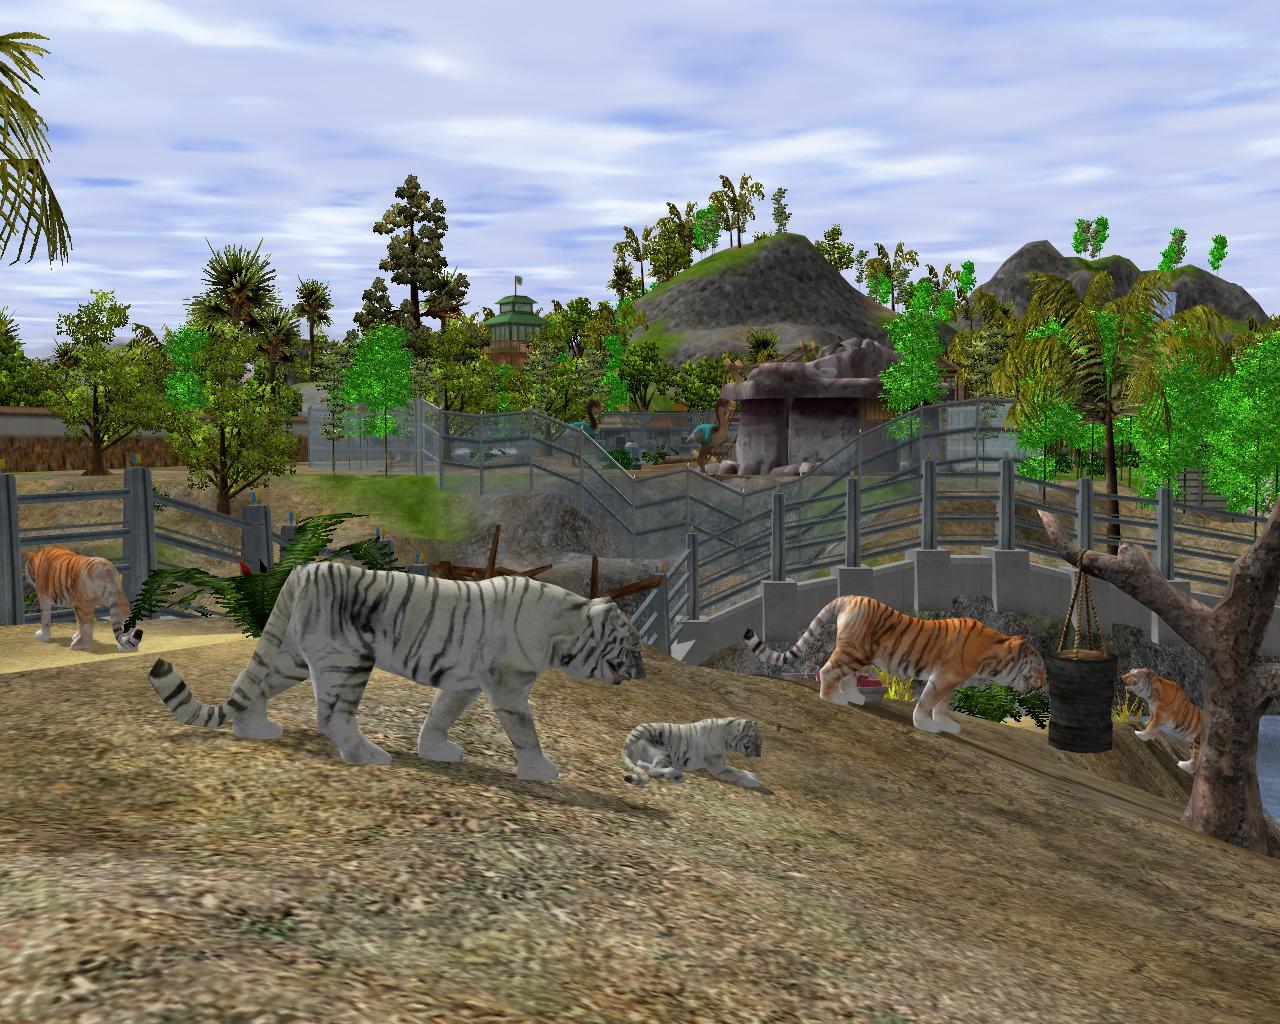 wildlifepark2_014.jpg